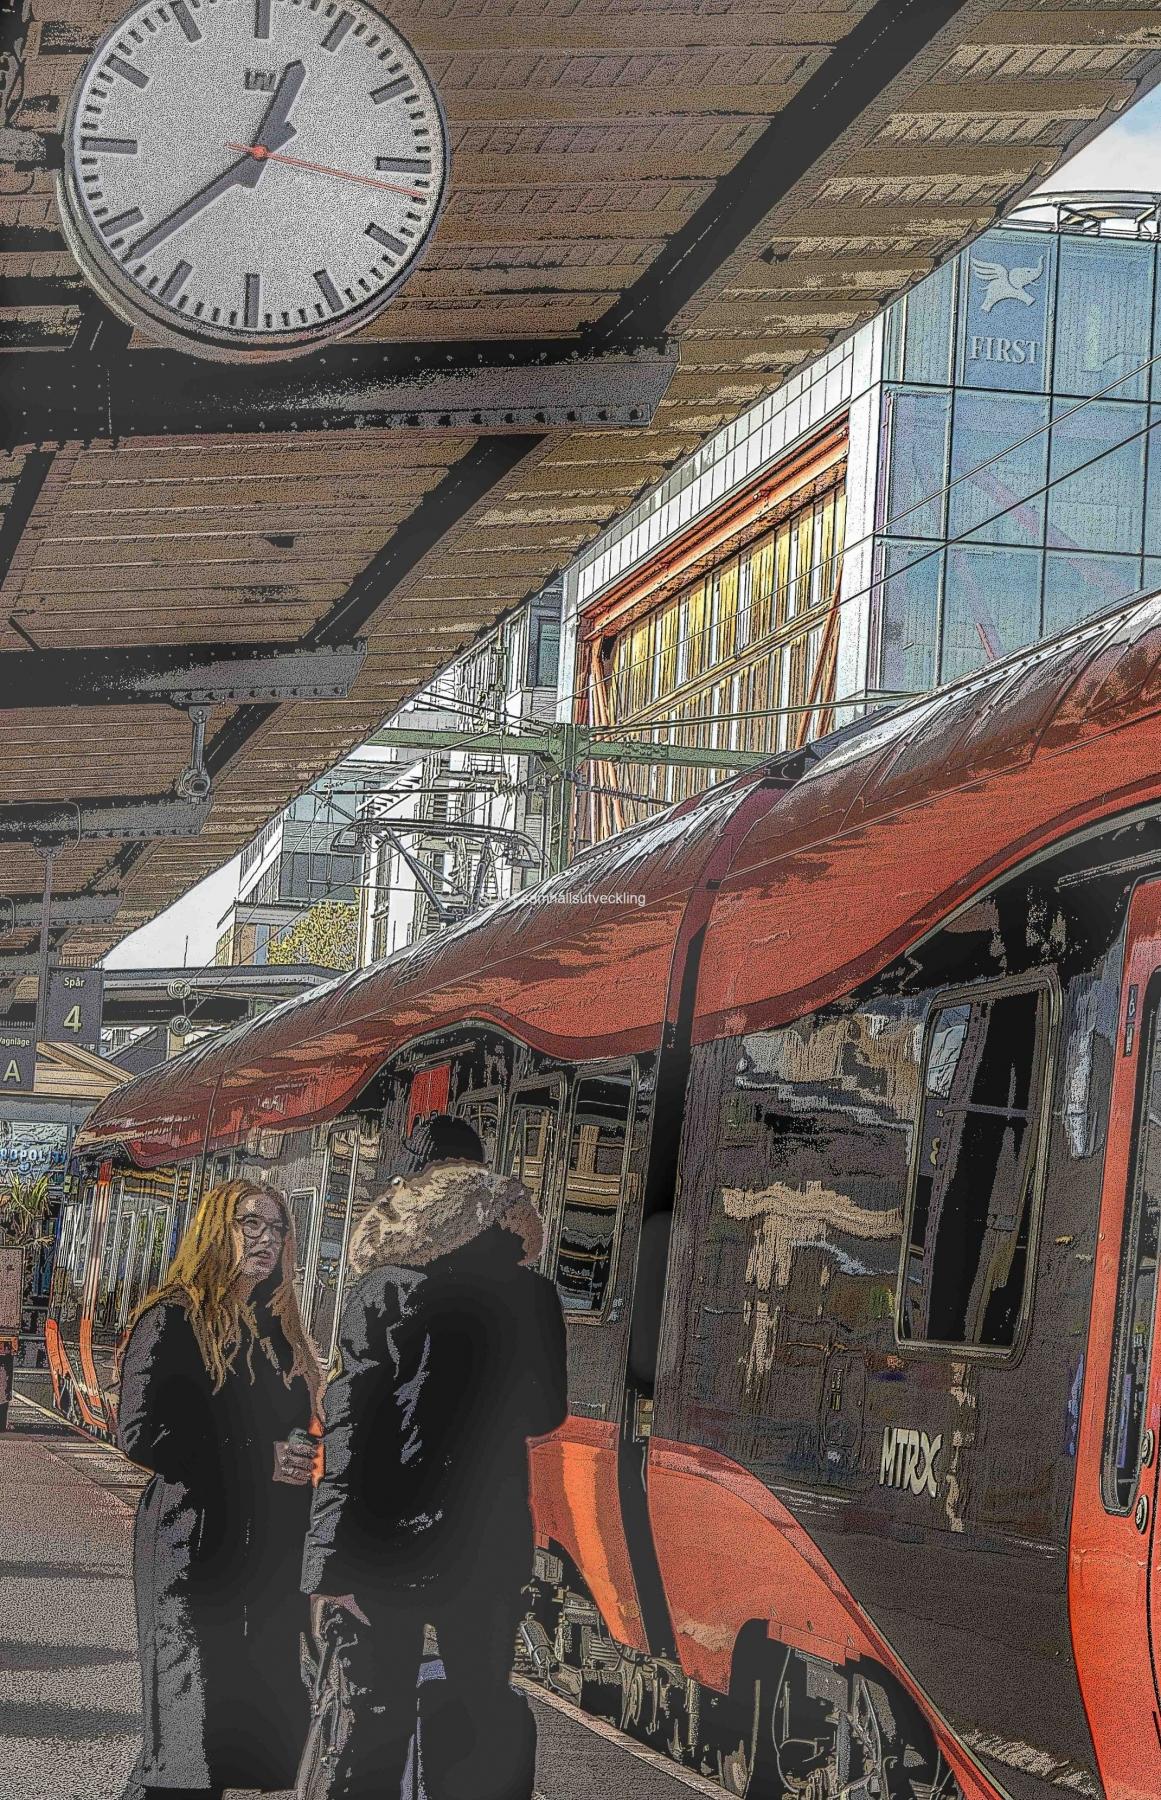 Det röda tåget, MTR anlände till stationen och  solen lyser fint på  tåg och hotellfasad.